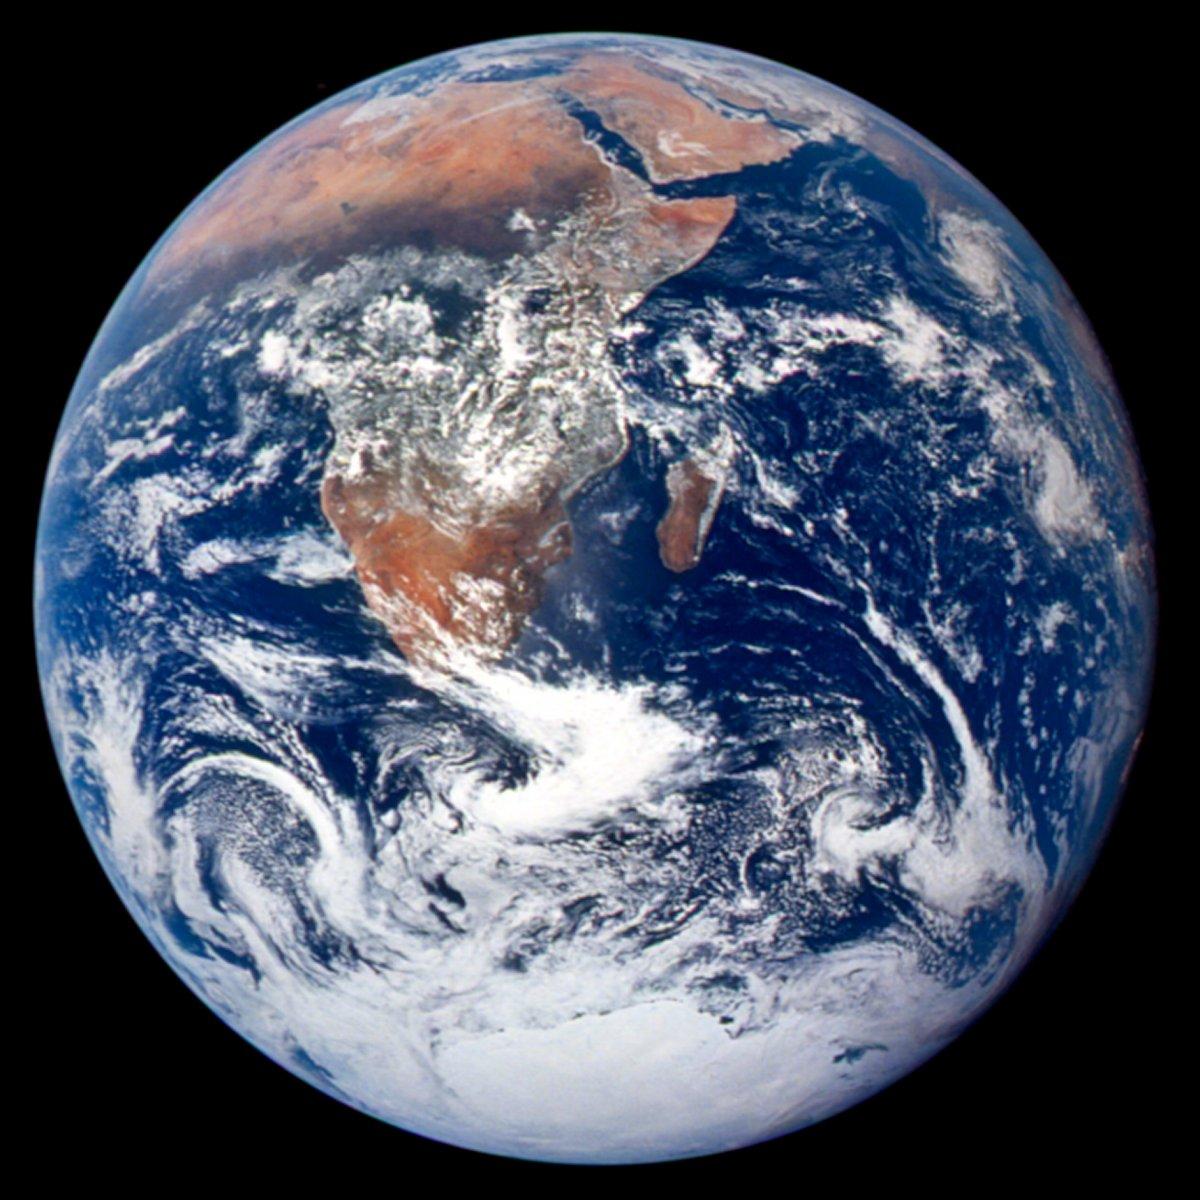 NASA's original 1972 Blue Marble photograph. Credit: NASA